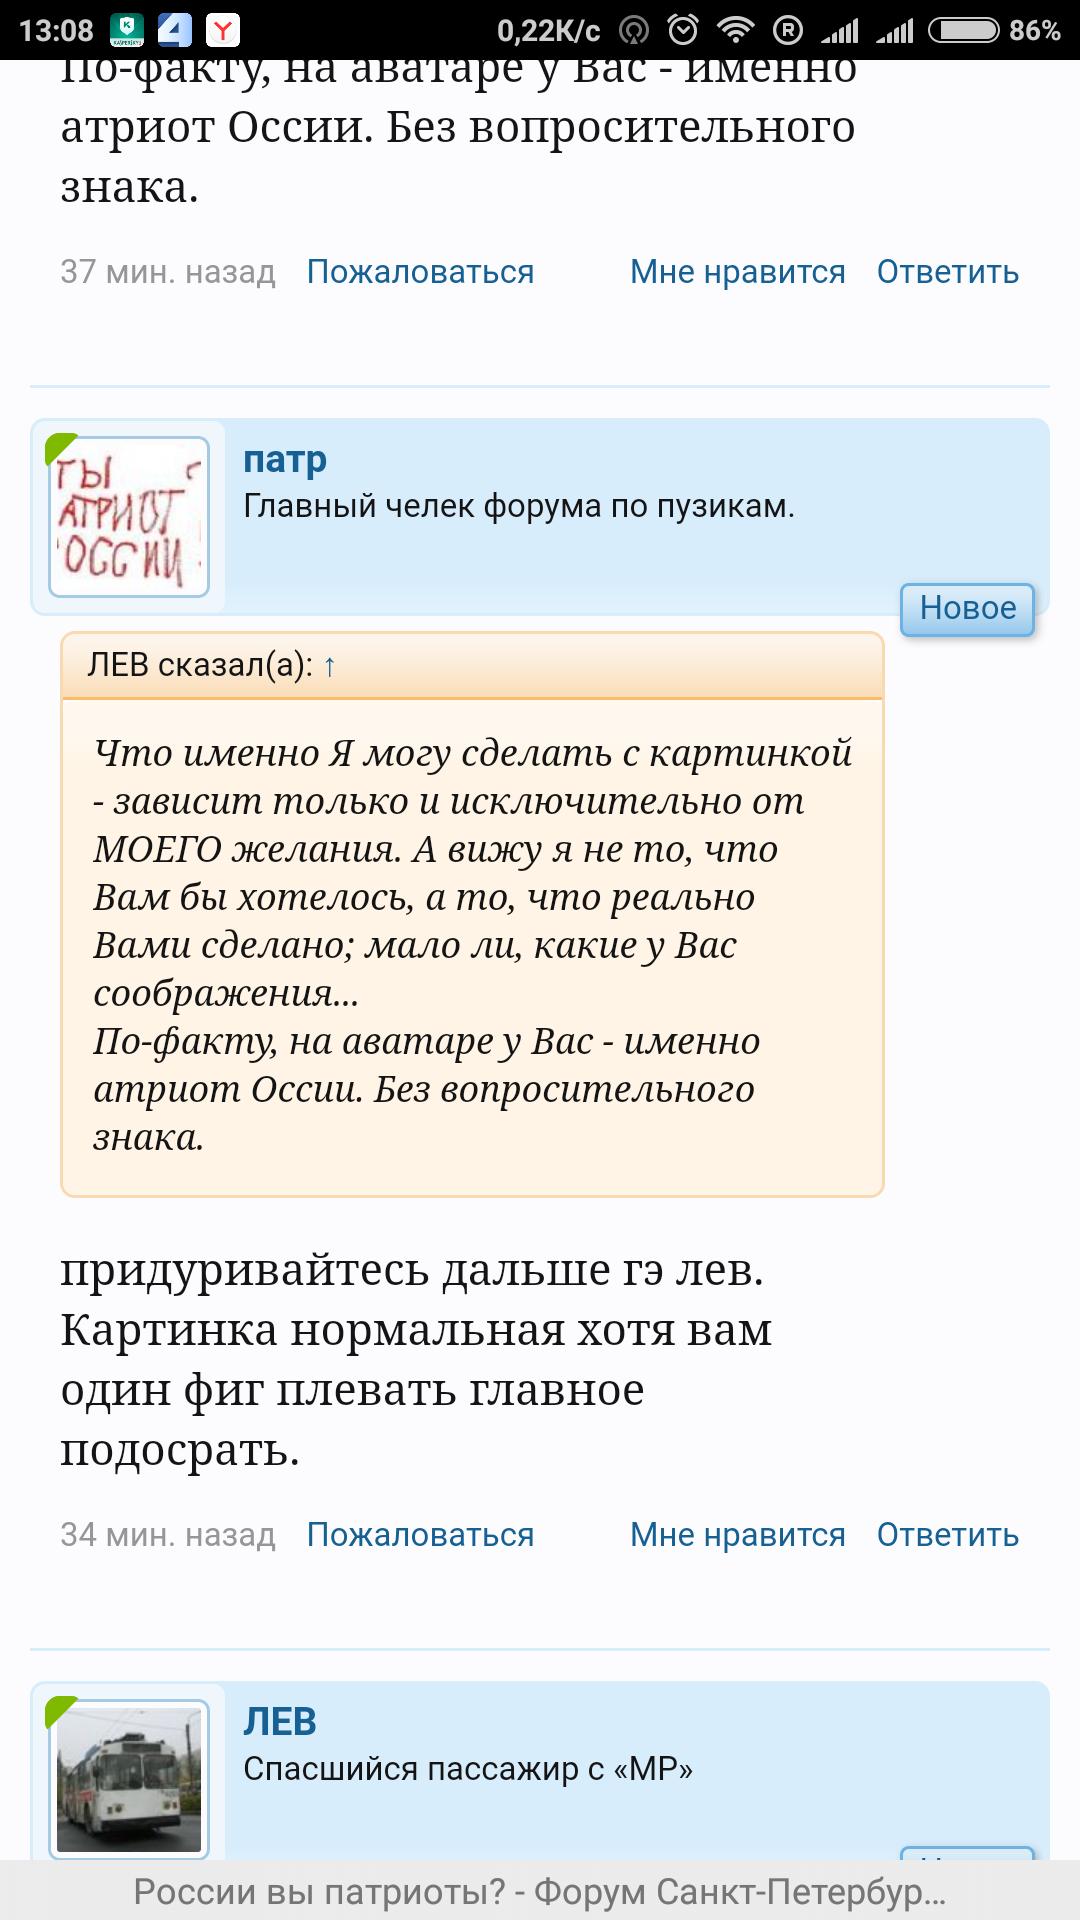 Screenshot_2017-12-23-13-08-29-700_com.yandex.browser.png